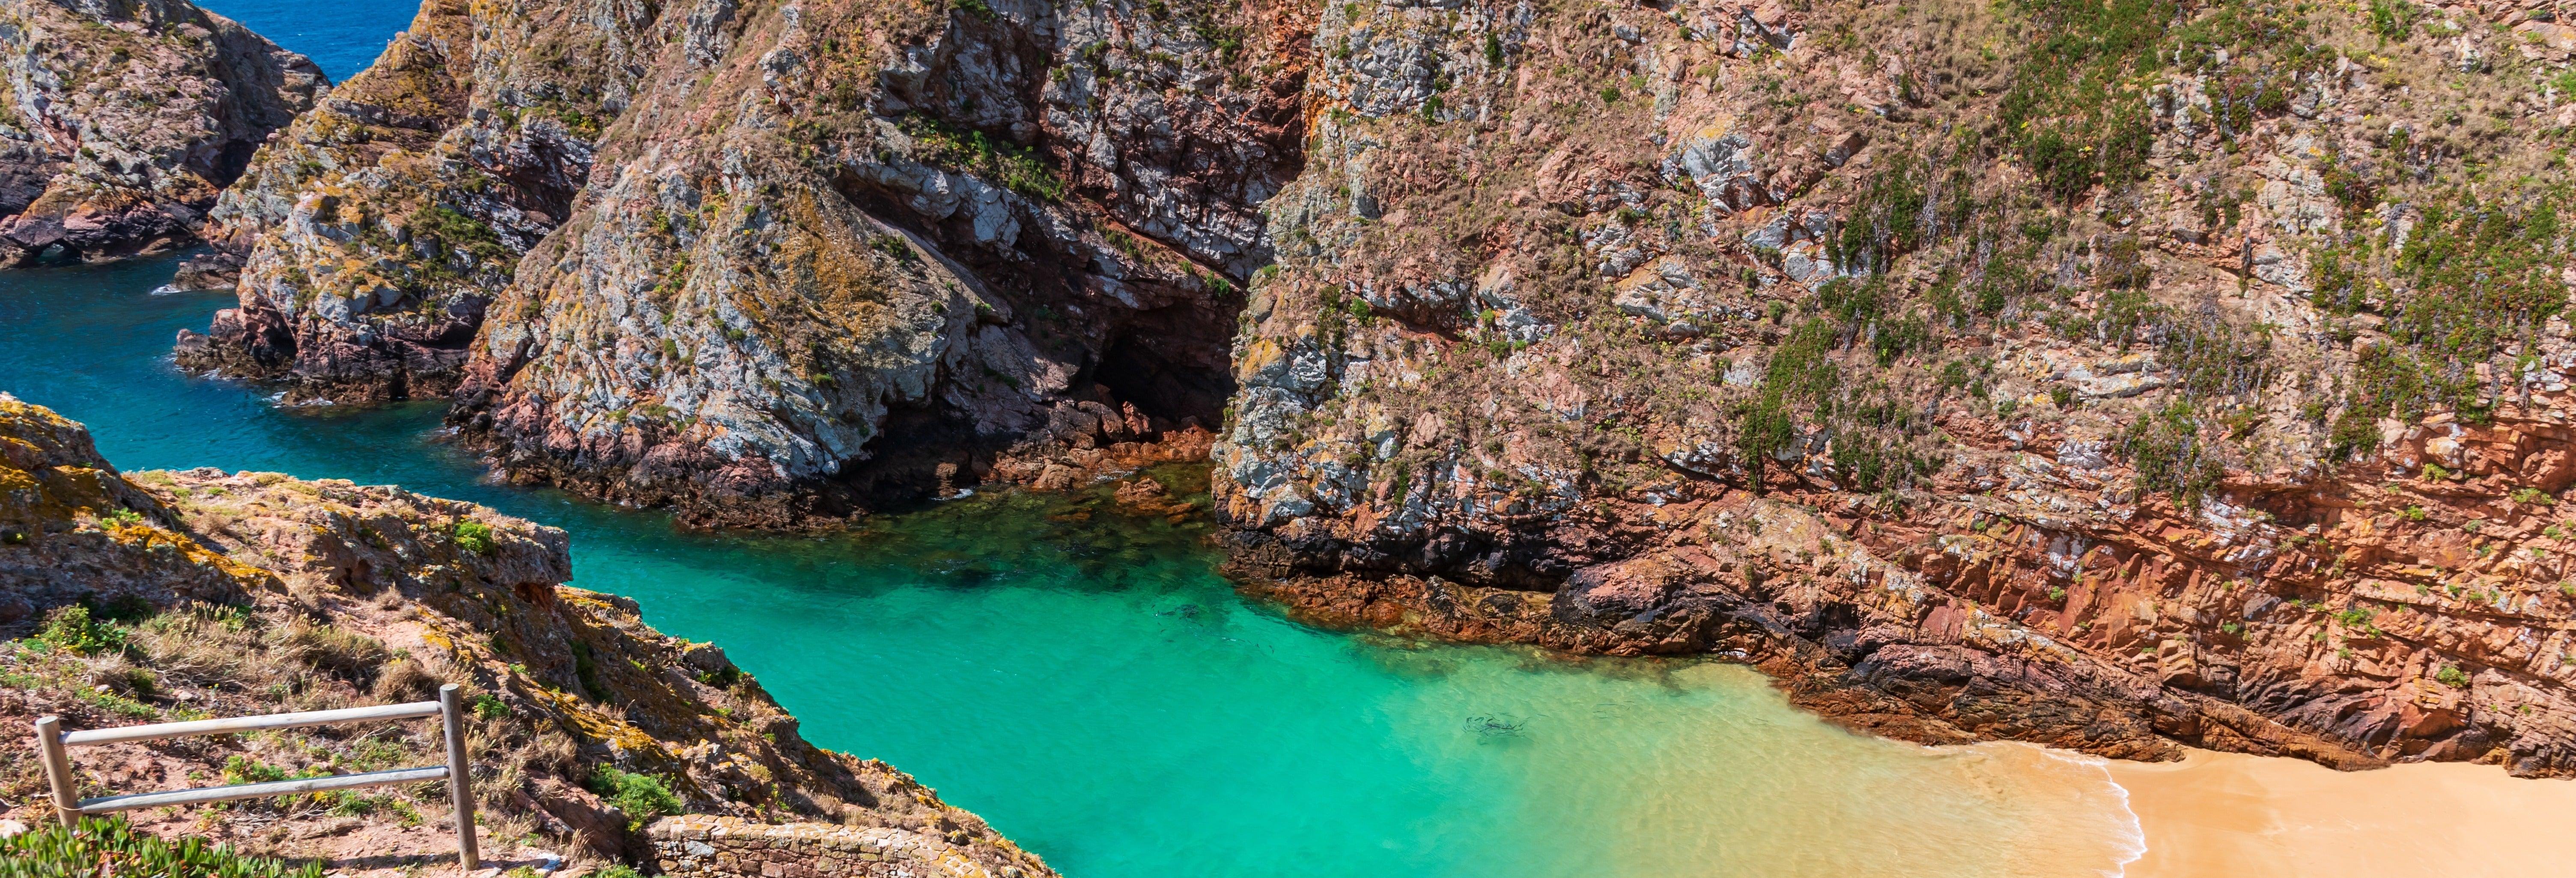 Snorkel na Berlenga Grande